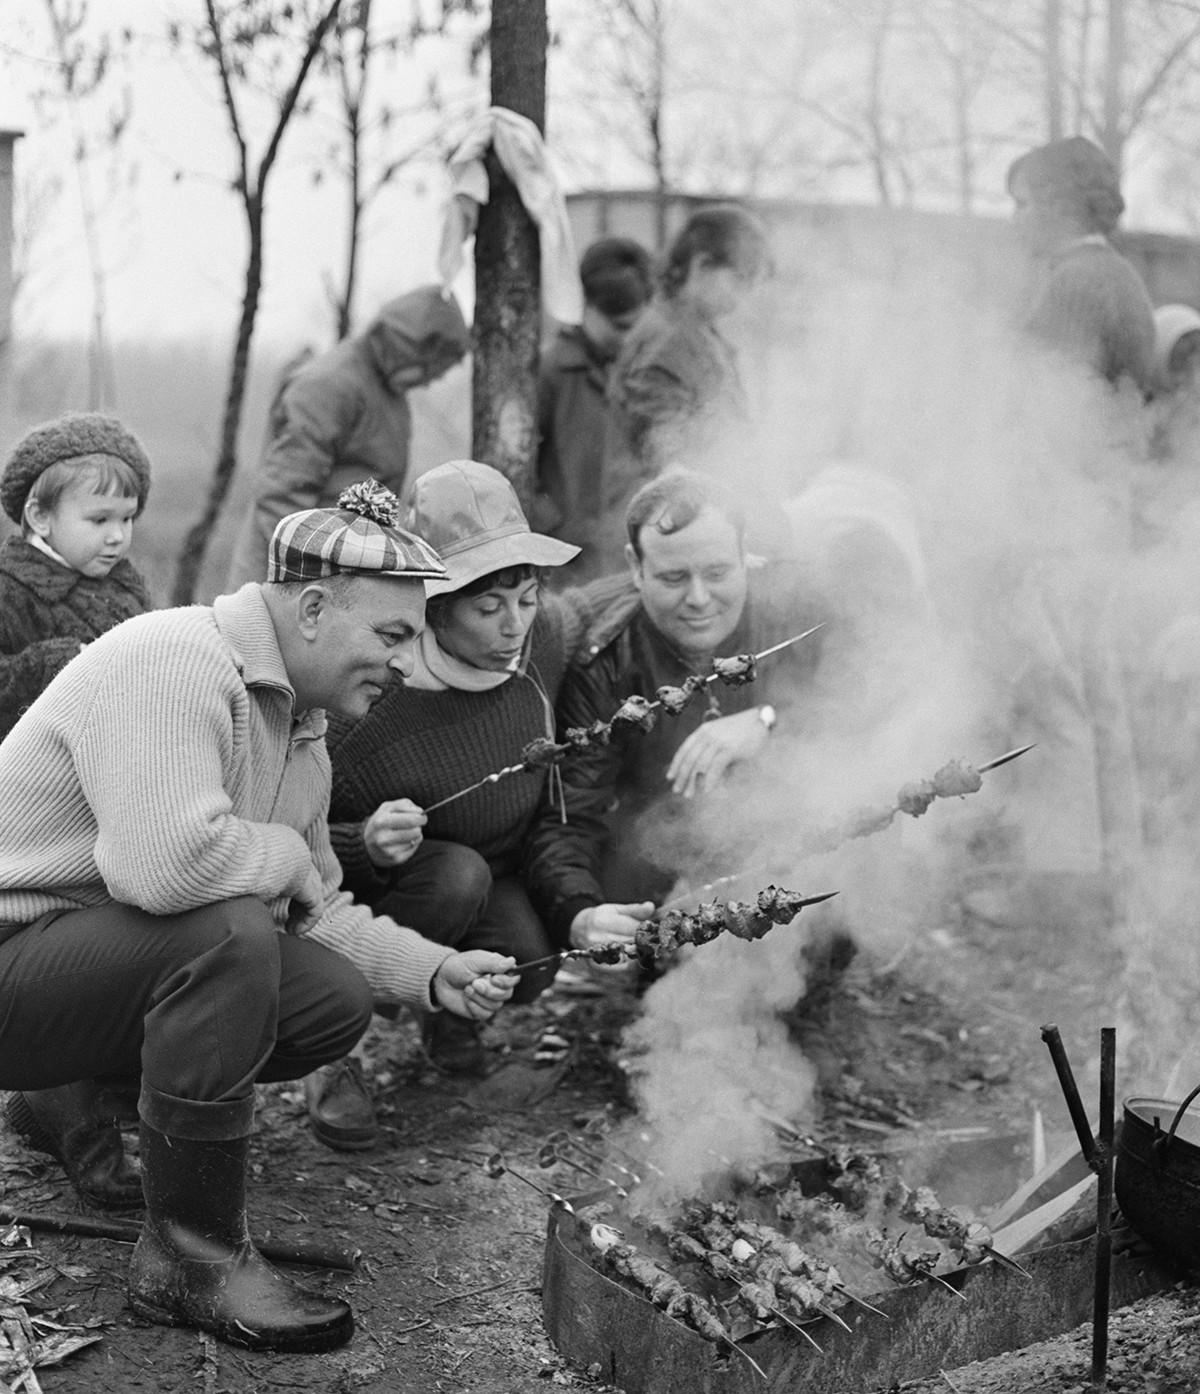 Grozni. Ingenieros franceses, alemanes y soviéticos asando carne en su día libre, 1970